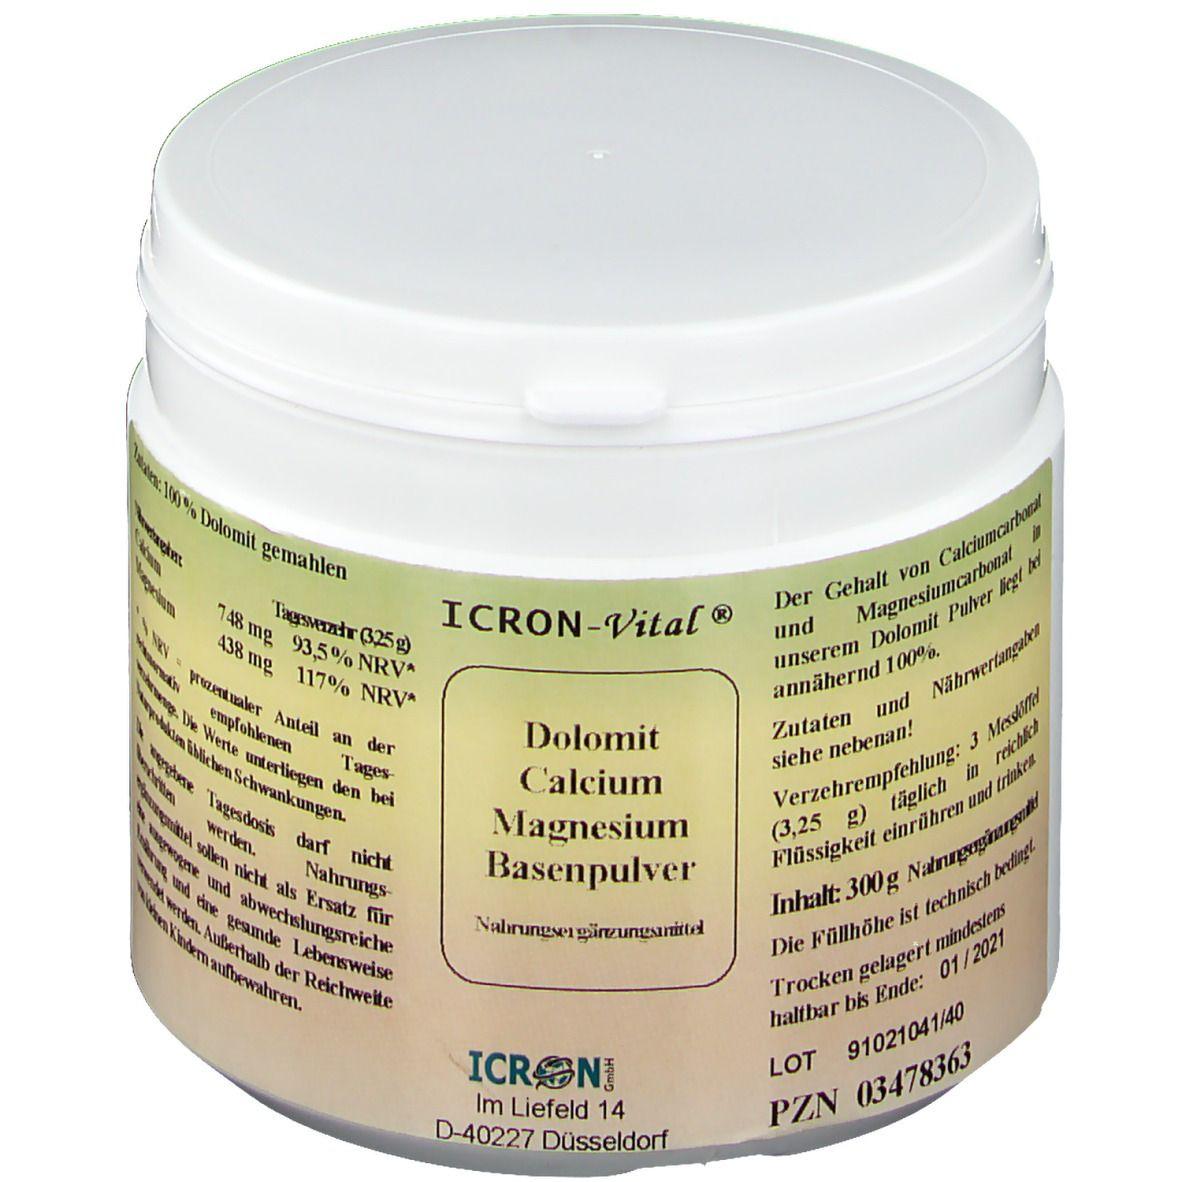 ICRON-Vital® Dolomit Calcium Magnesium Basenpulver